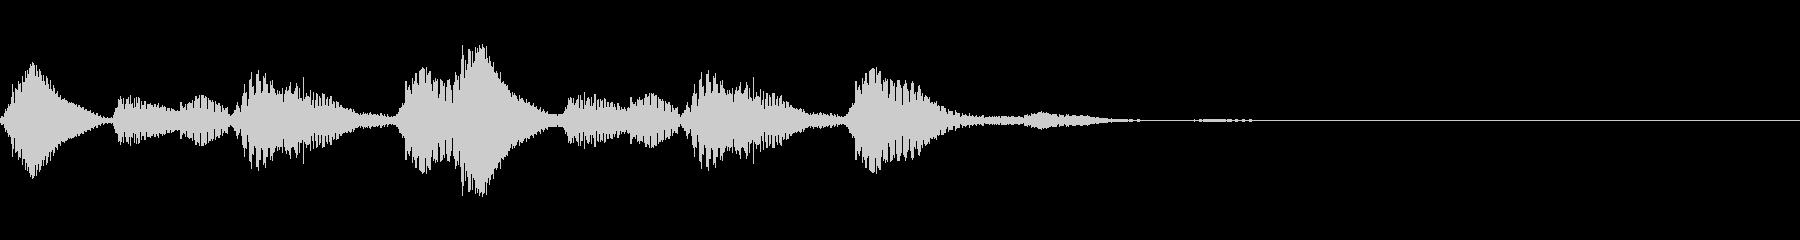 ストリングスのピチカート音のロゴの未再生の波形